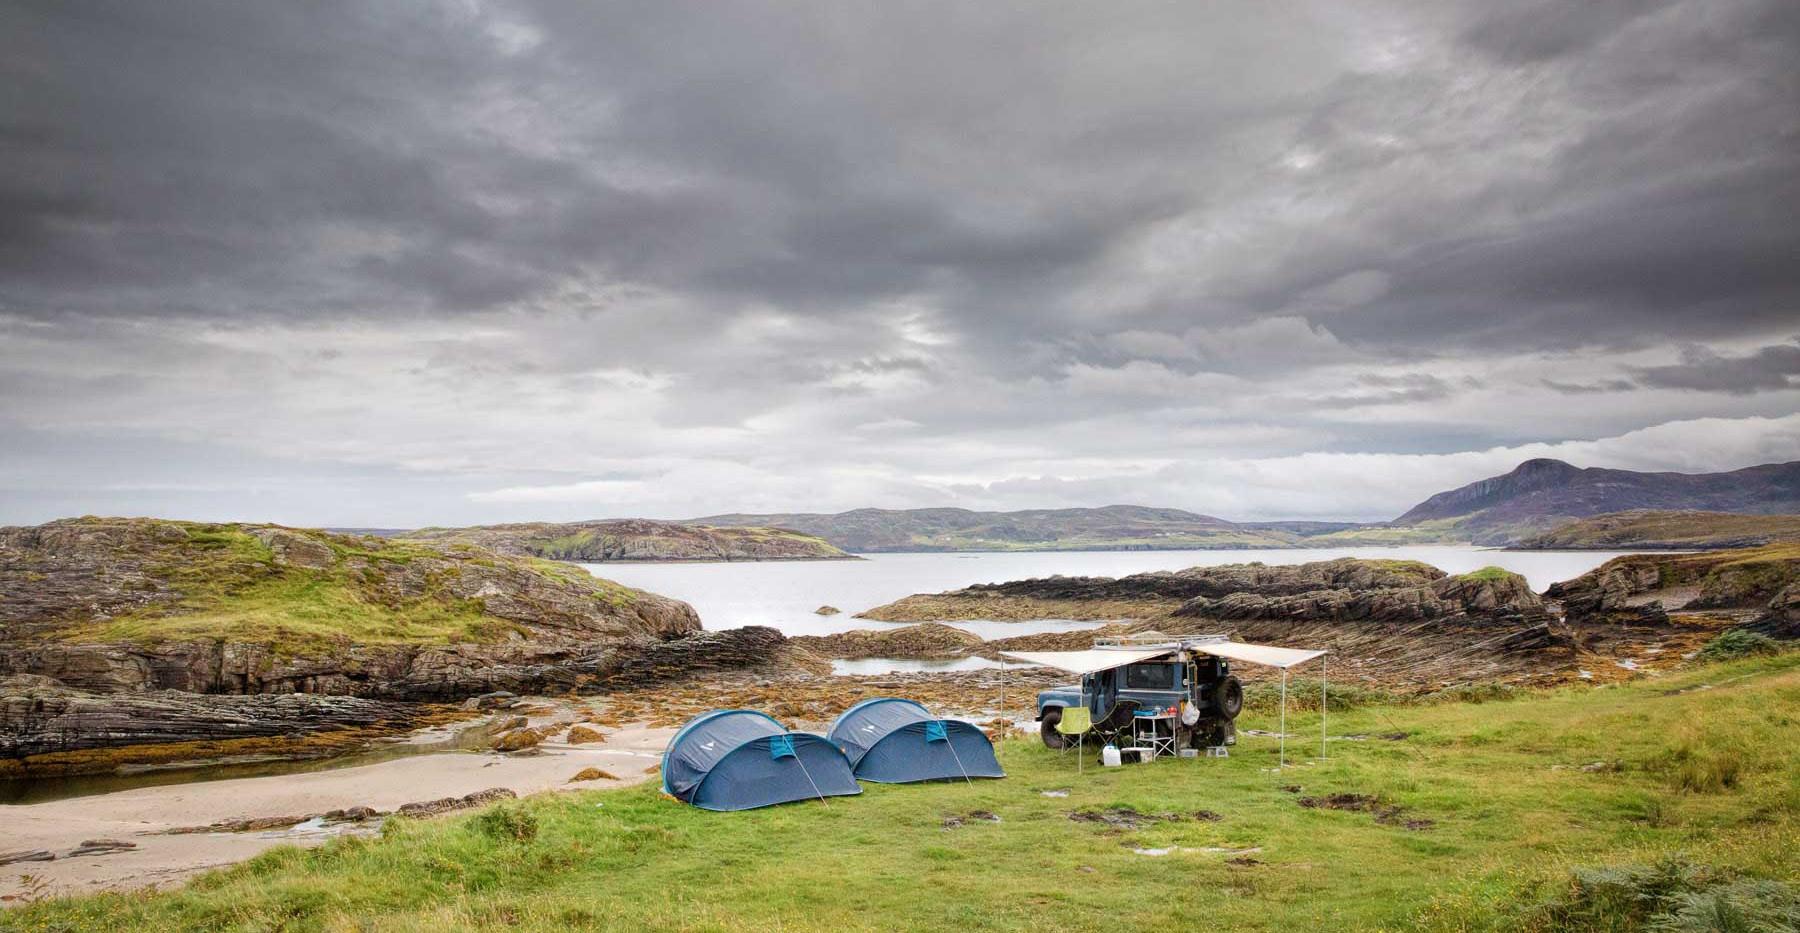 Exploring-Scotland-In-a-Land-Rover-Defen